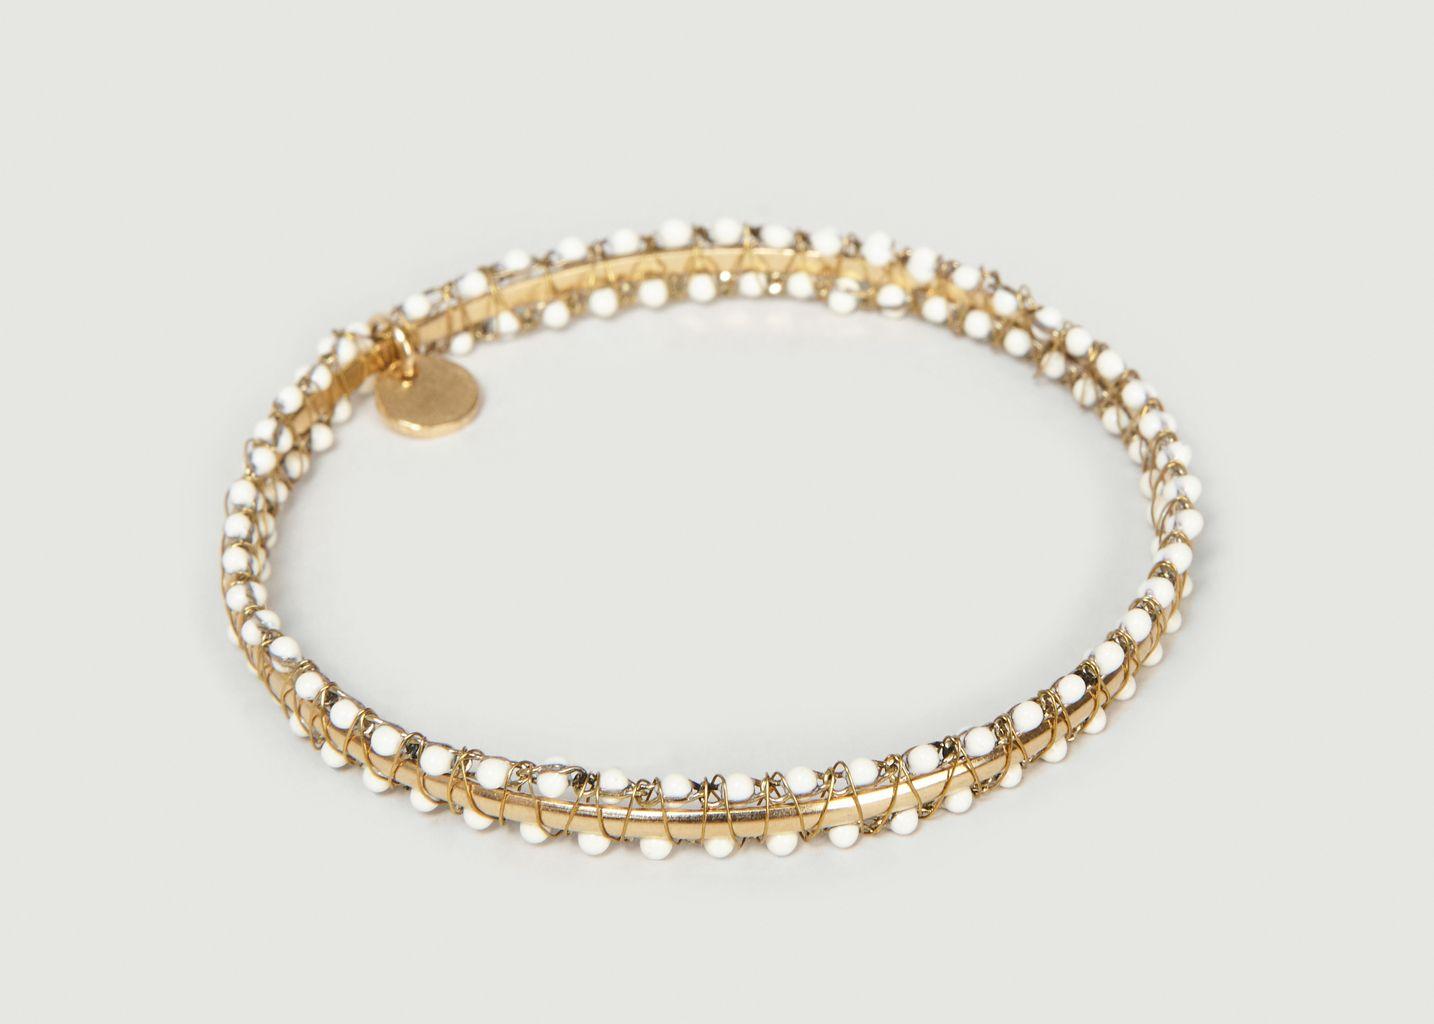 Bracelet Adelaide 1 - Polder